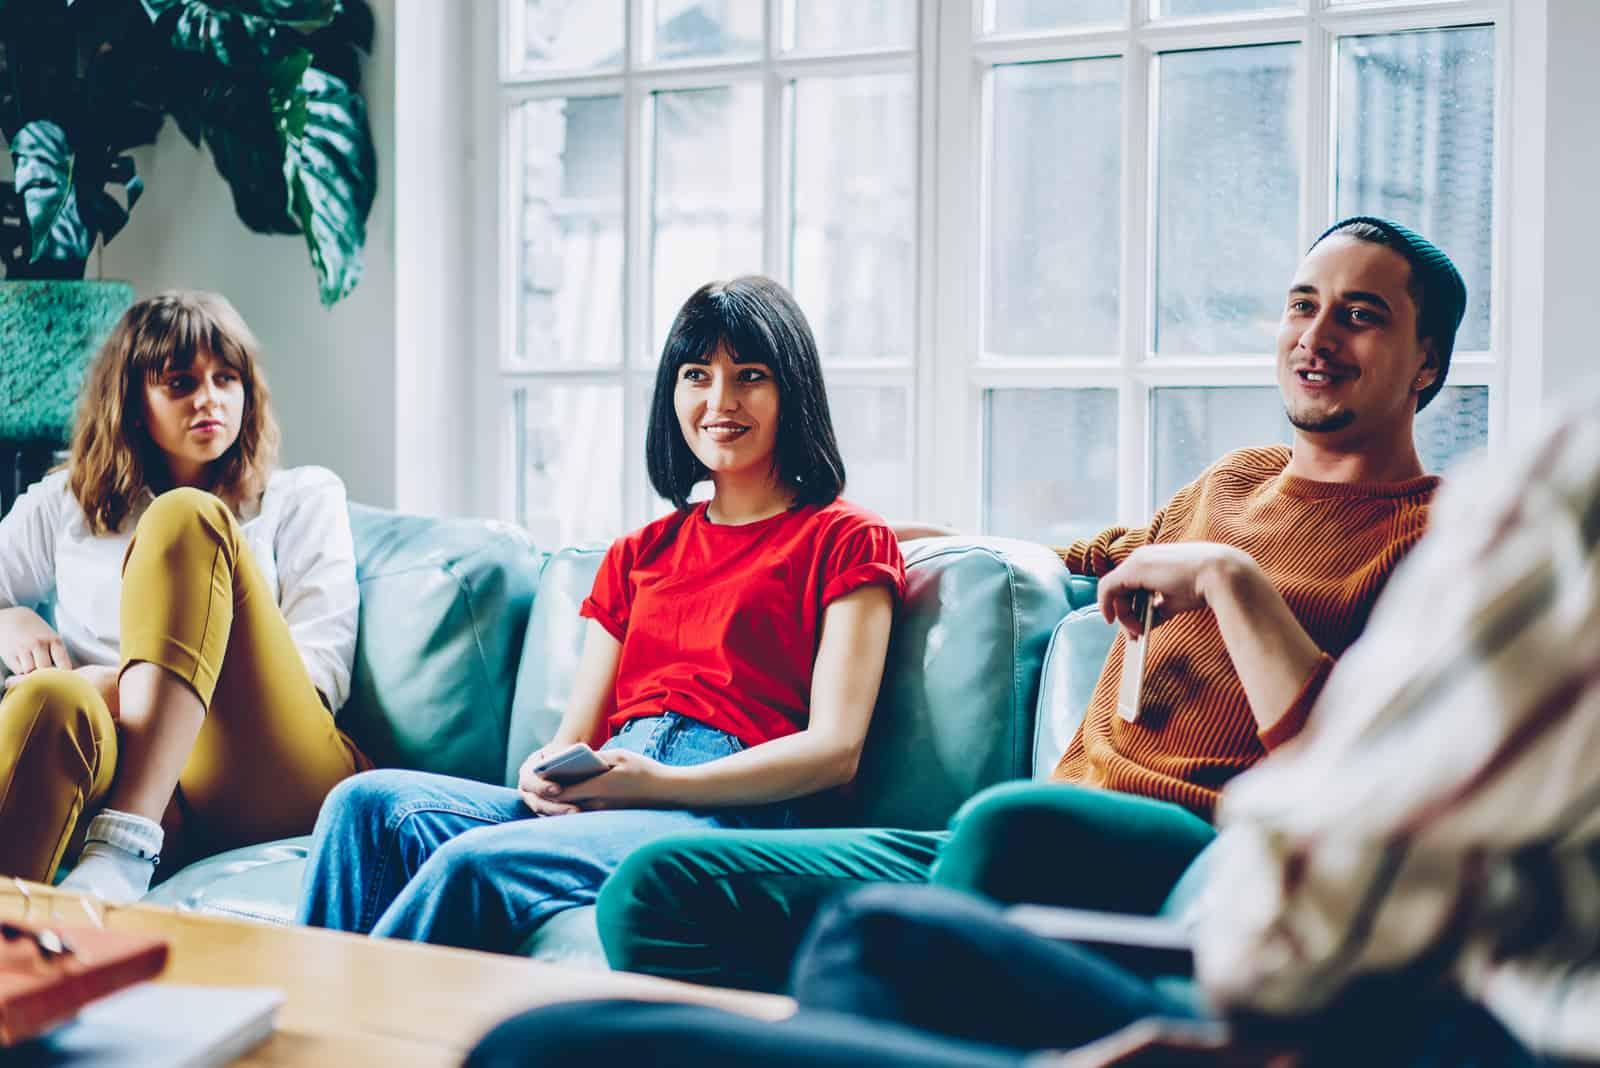 un groupe d'amis s'assied sur le canapé et parle